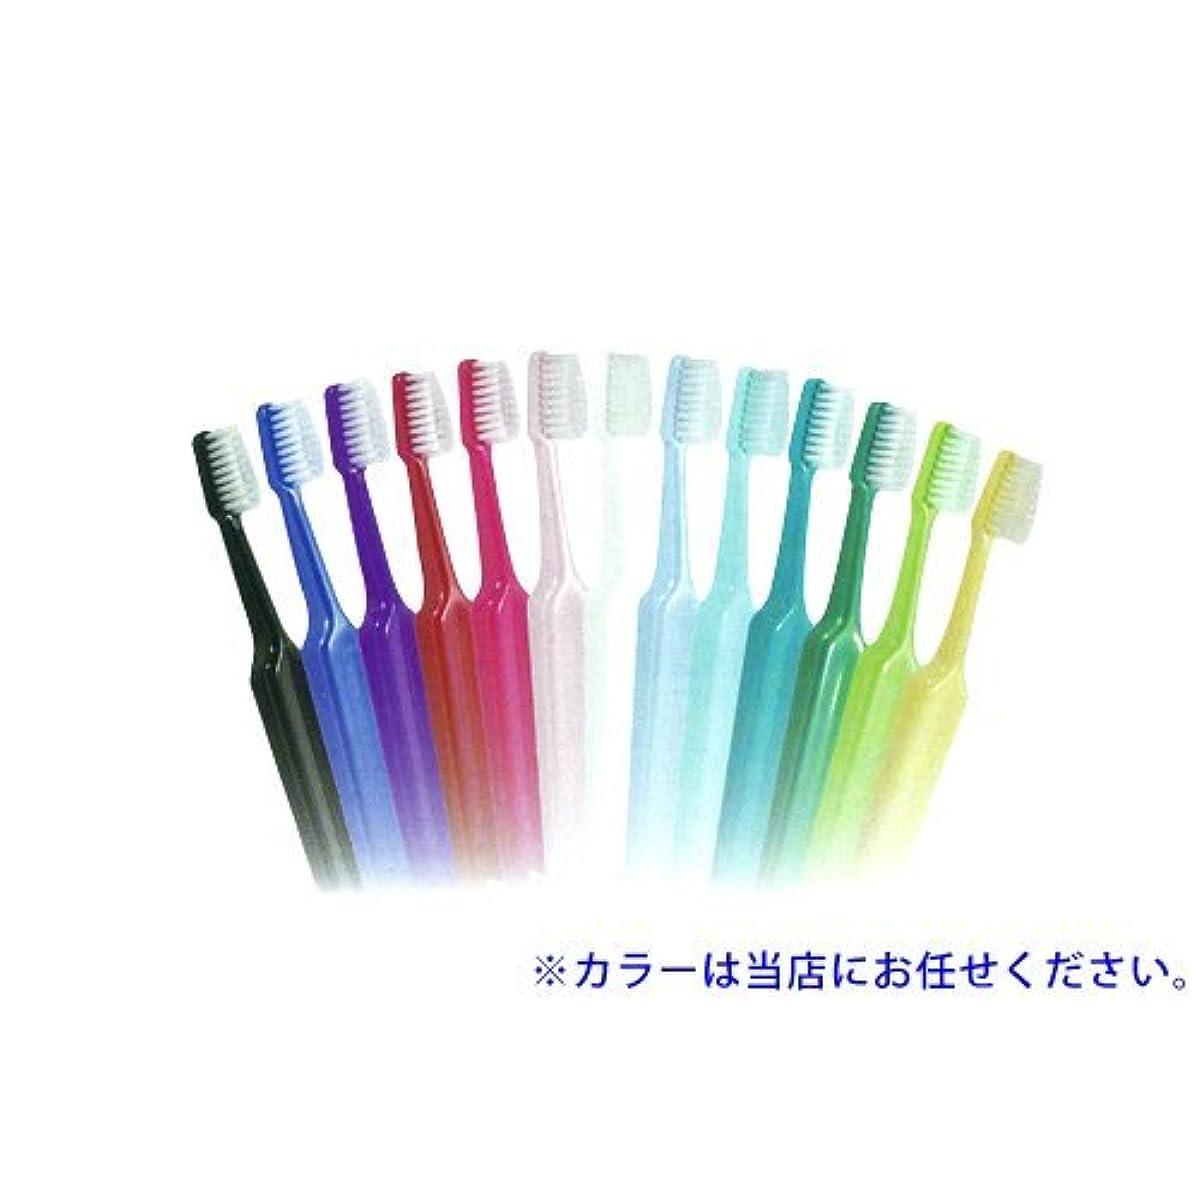 防腐剤横に自宅でクロスフィールド TePe テペ セレクト 歯ブラシ 1本 ミディアム